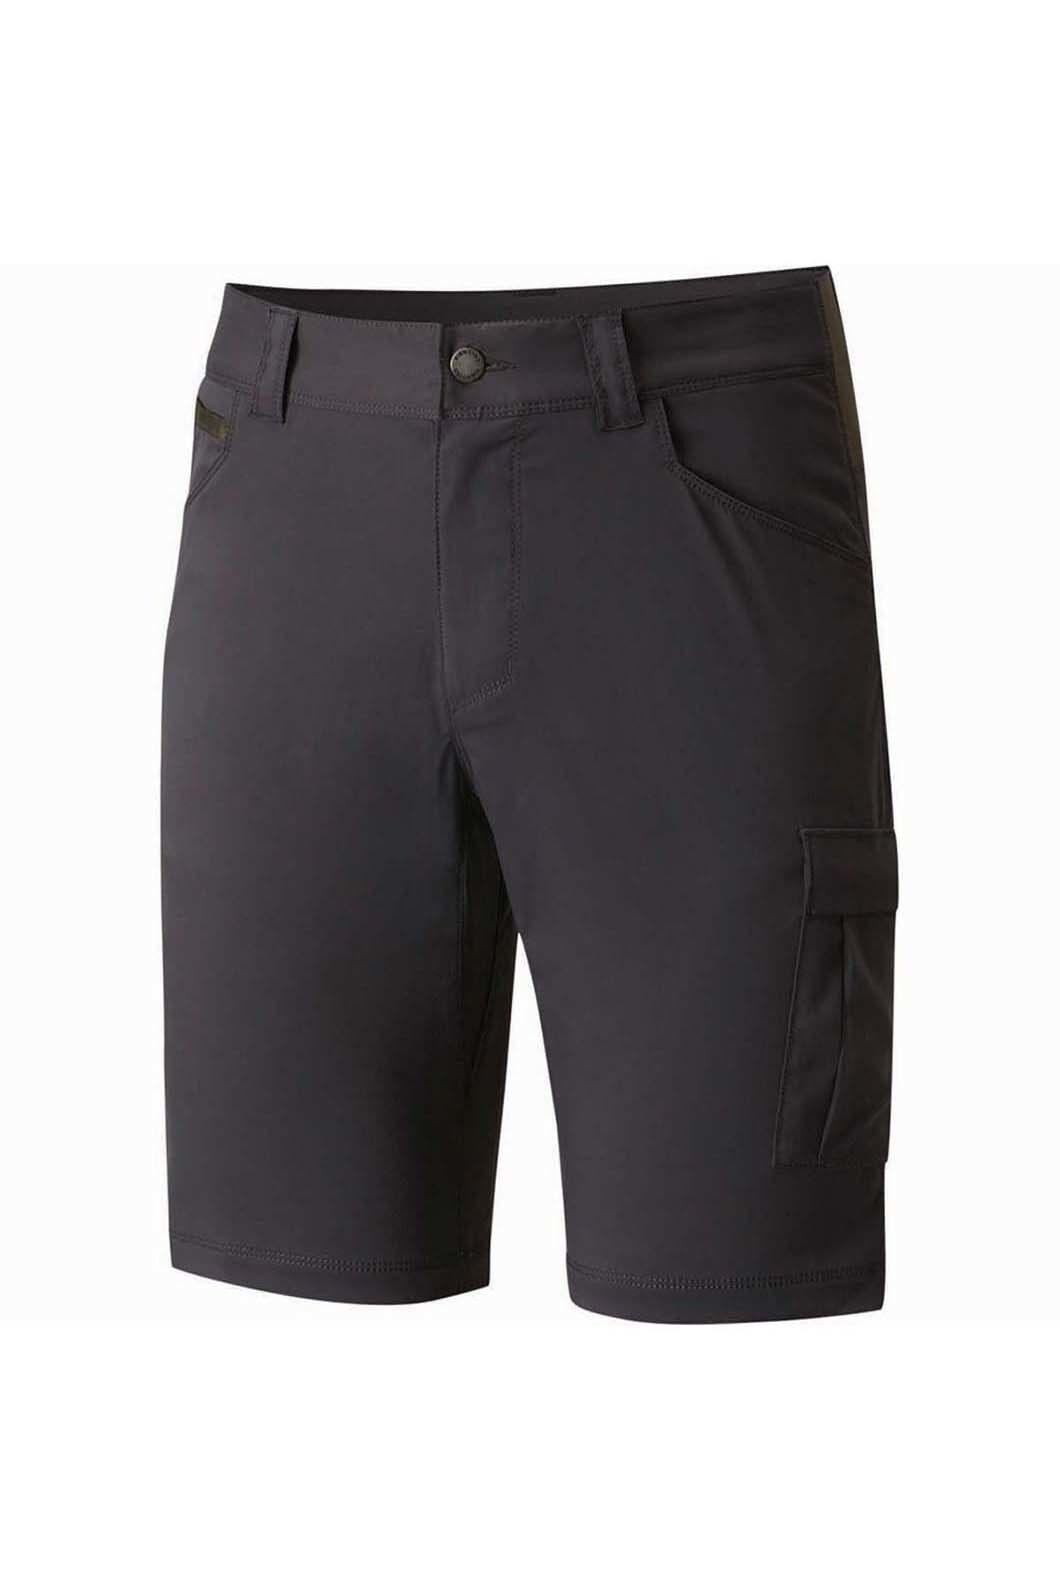 Columbia Men's Outdoor Elements Stretch Short, SHARK (011), hi-res